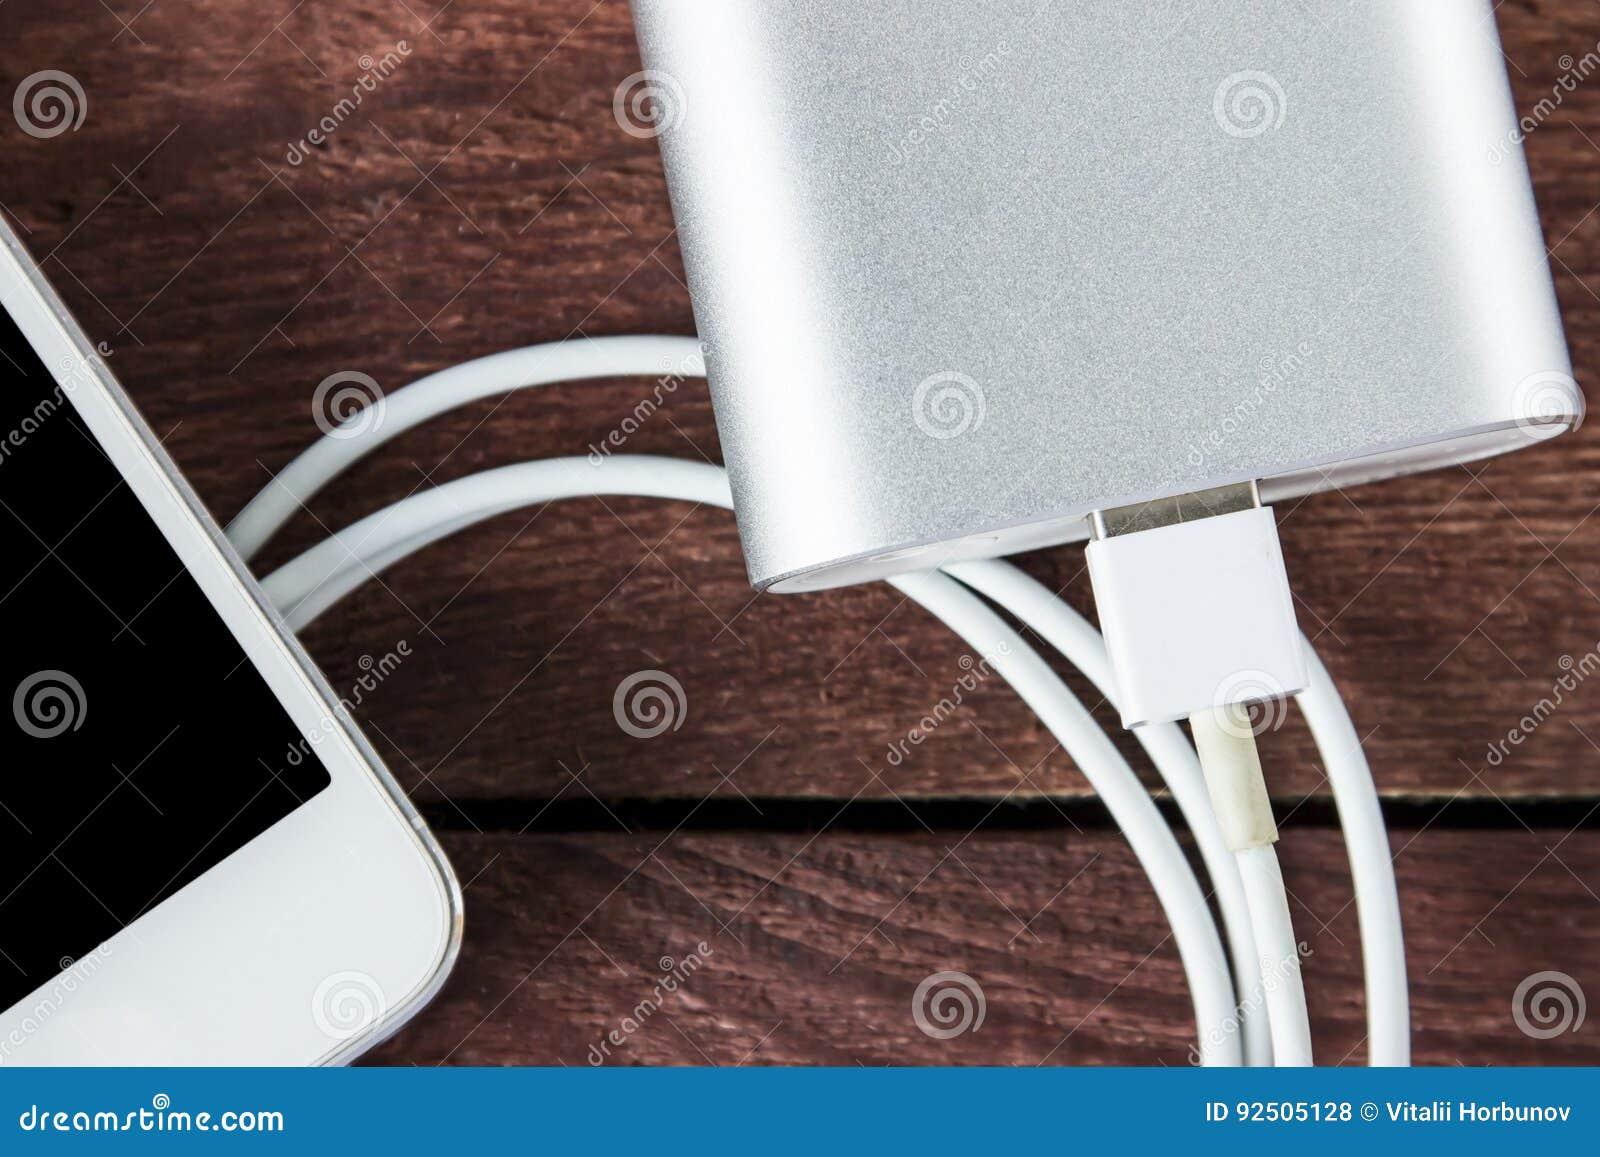 Draufsicht der Aufladung von Smartphone mit Grey Portable External Batt